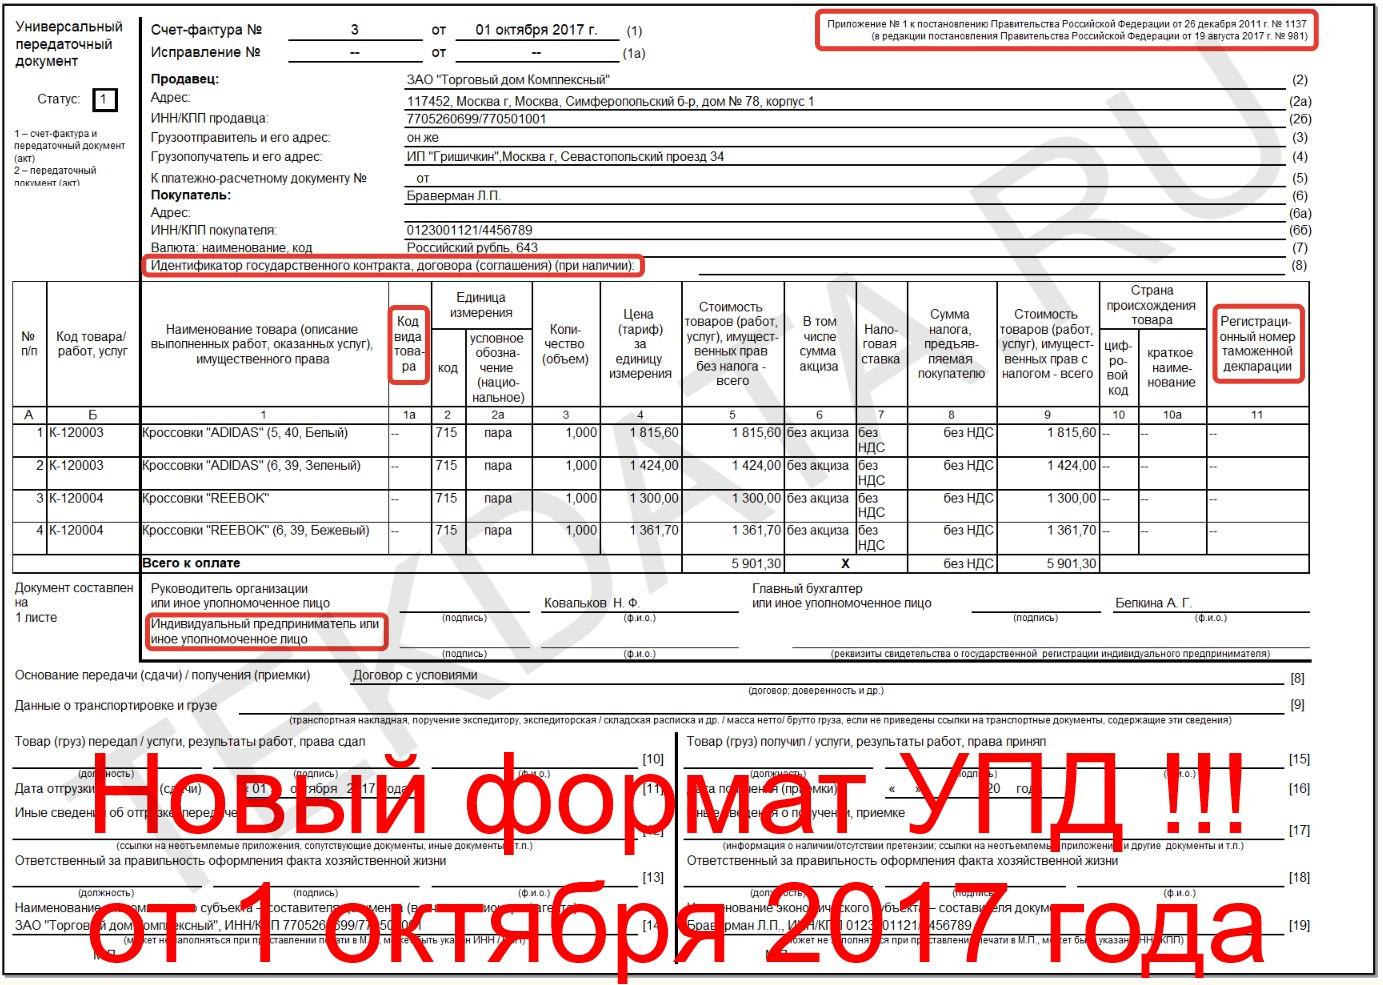 УПД 01.10.2017